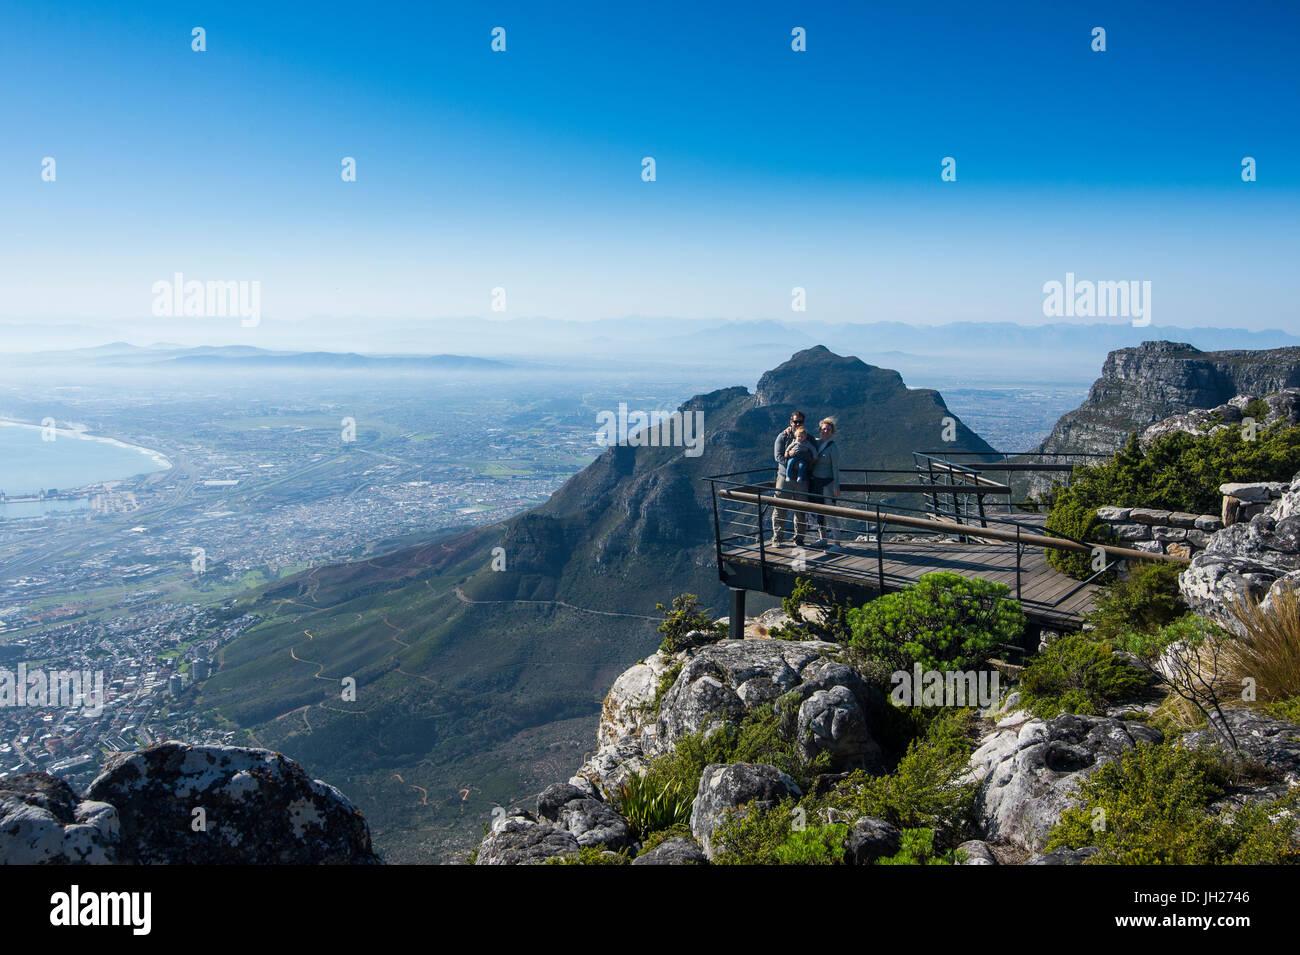 Familie, genießen die Aussicht vom Tafelberg in Kapstadt, Südafrika, Afrika Stockbild